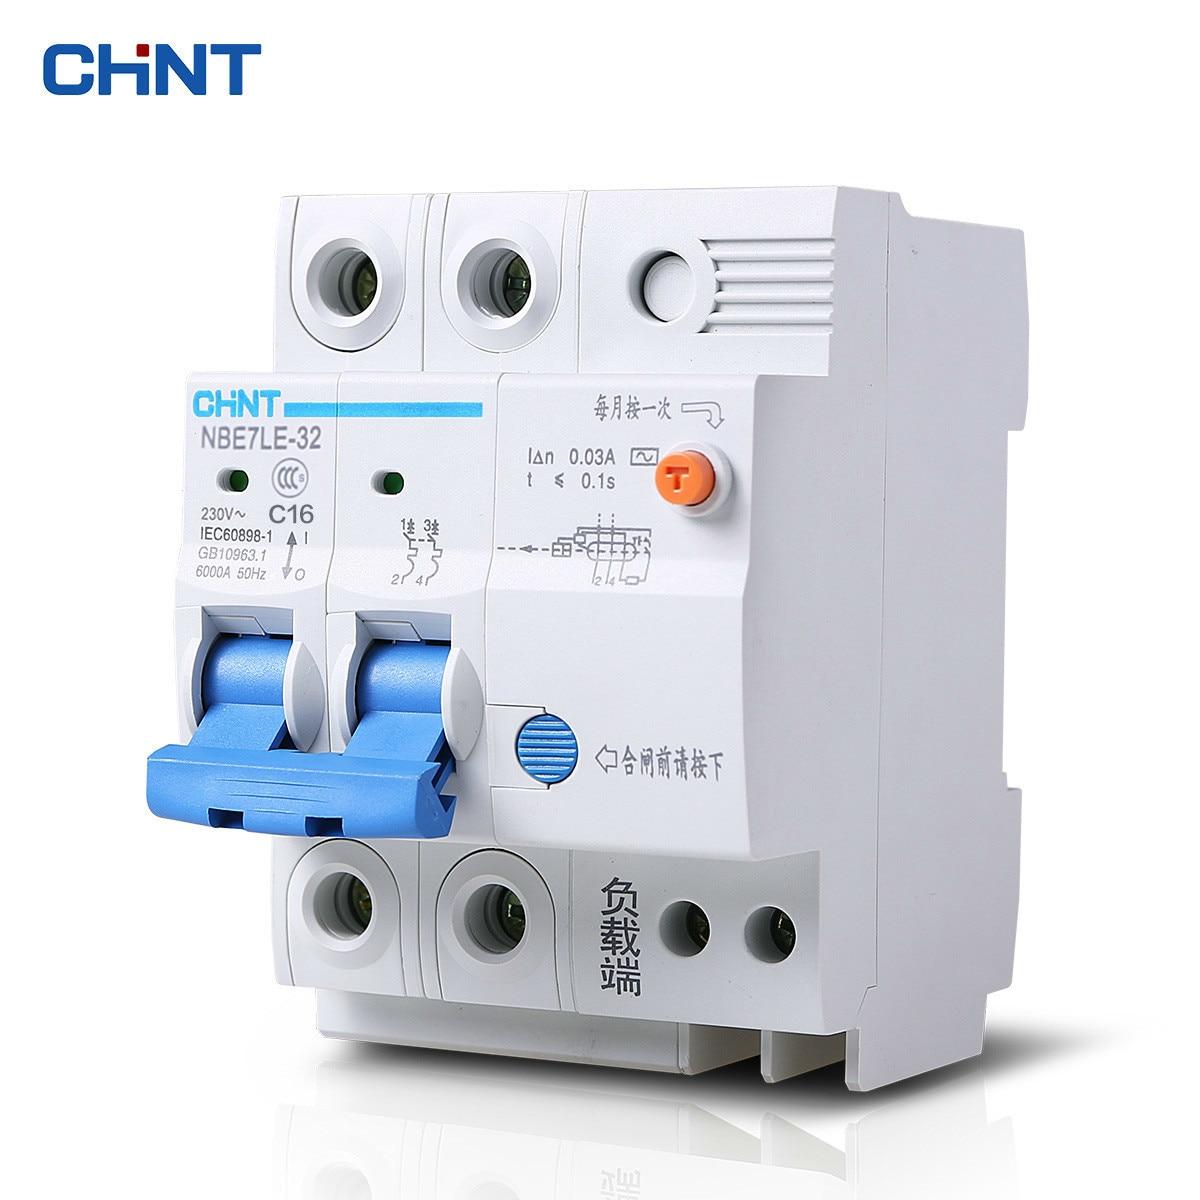 CHINT Deux Choc Électrique Interrupteurs D'air NBE7LE 2 p 16A Avec Fuite Disjoncteurs C16